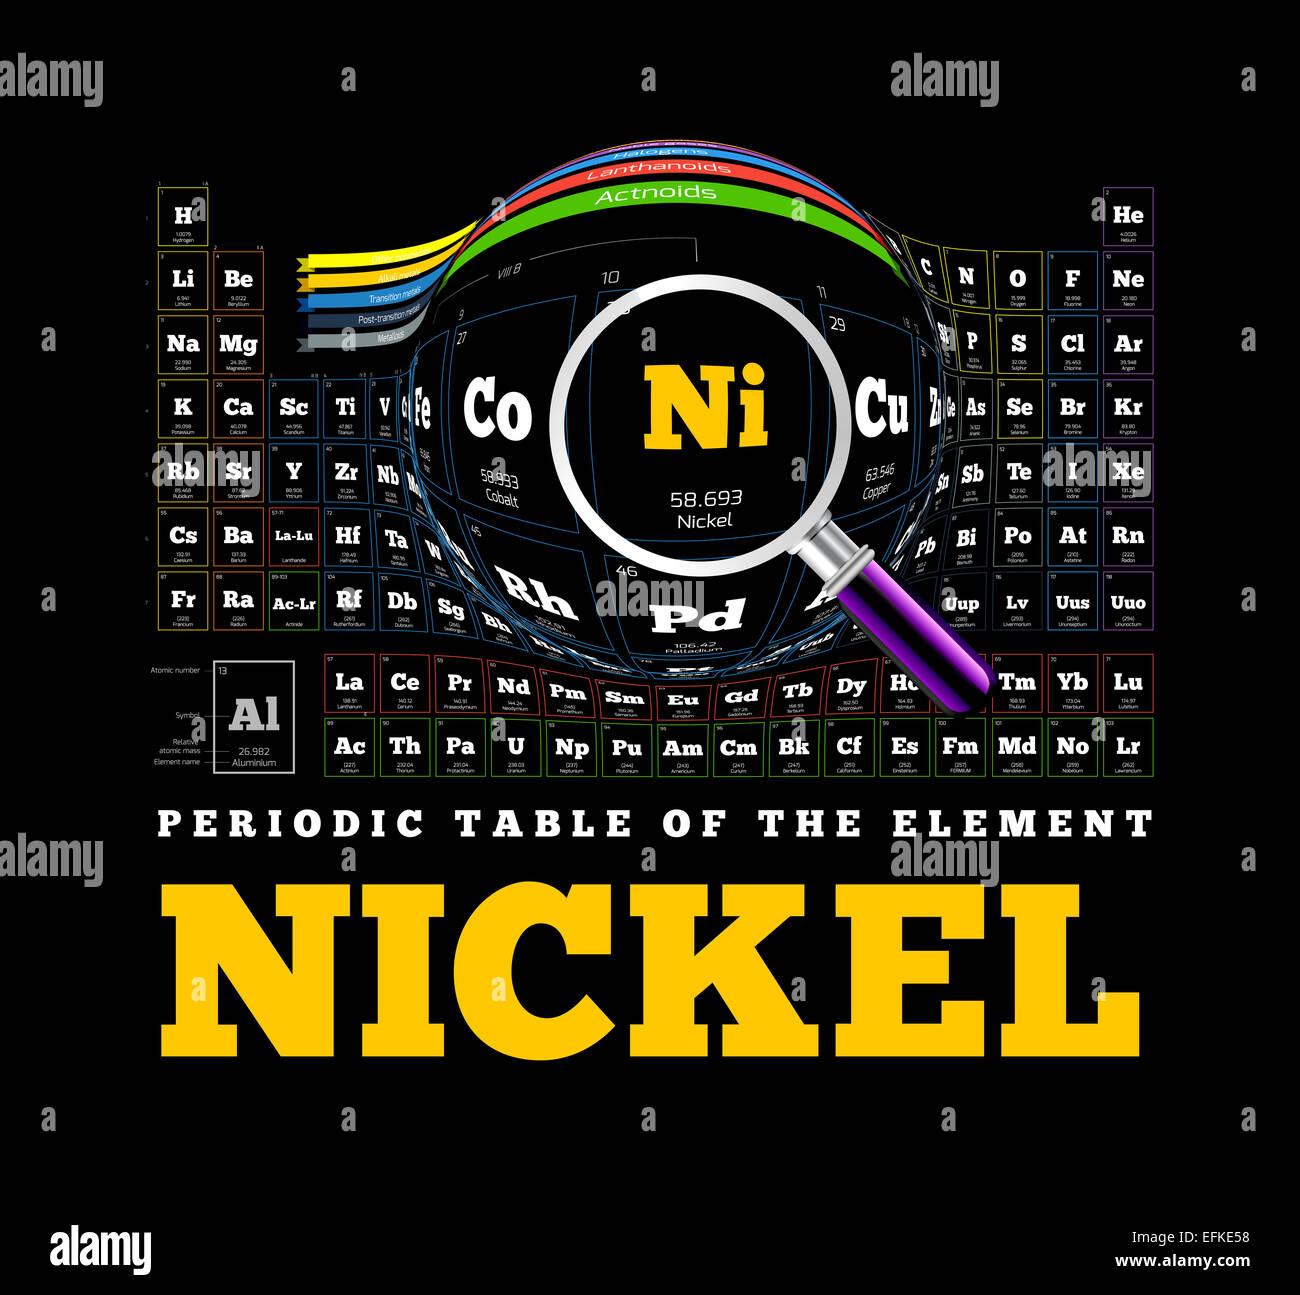 Tabla peridica de los elementos nquel ni foto imagen de stock tabla peridica de los elementos nquel ni urtaz Choice Image